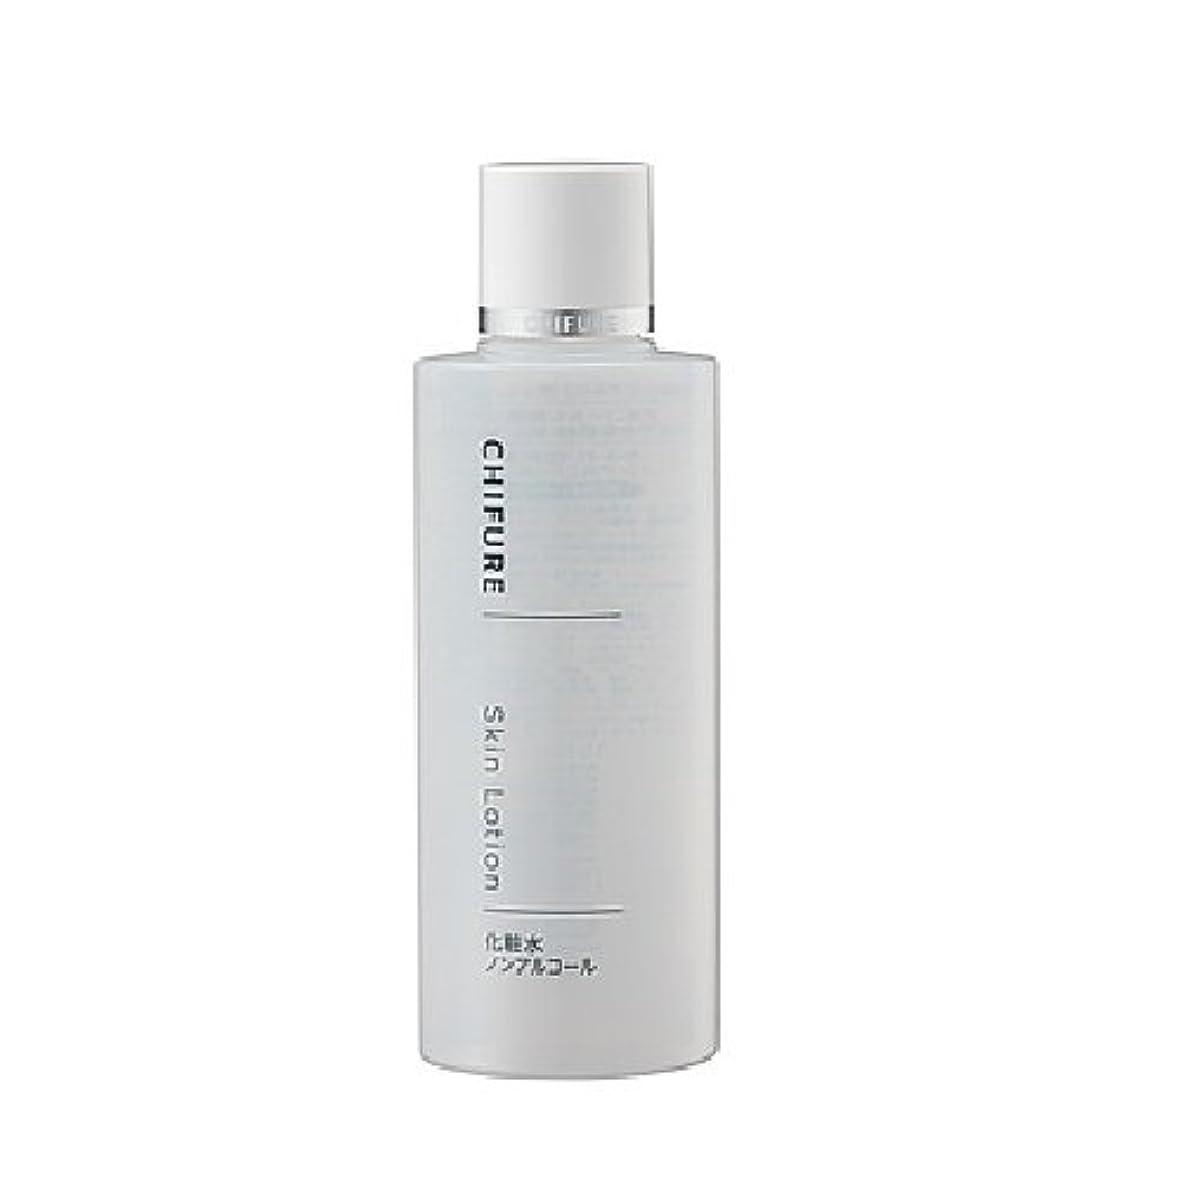 見ましたセンチメンタルスモッグちふれ化粧品 化粧水 ノンアルコールタイプ 180ML